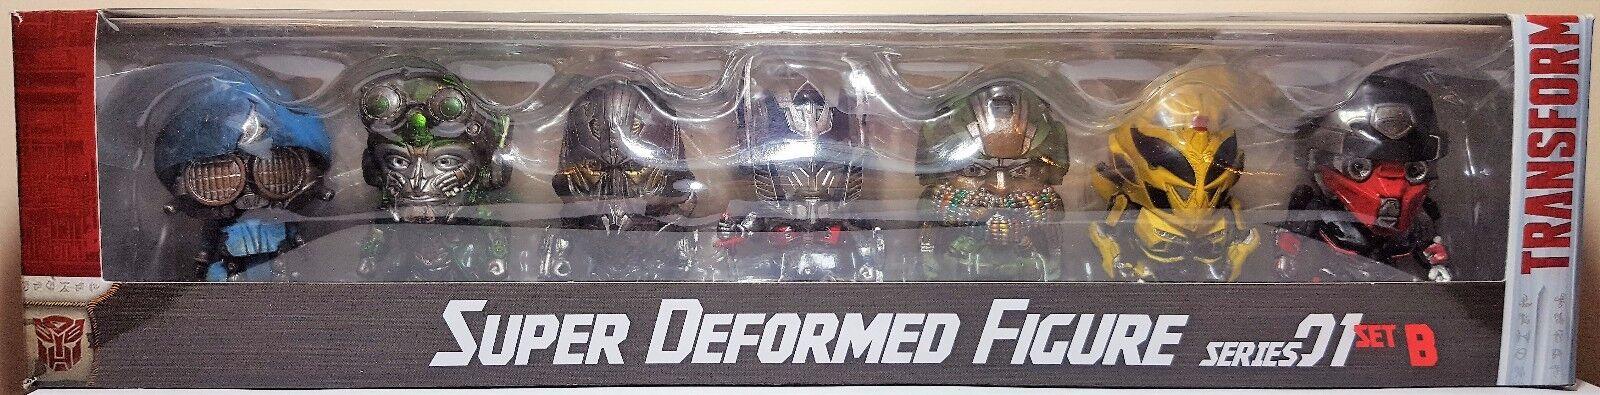 Compra calidad 100% autentica Transformers Transformers Transformers súper Deforme 7 figura serie 01 Set B herocross  entrega rápida